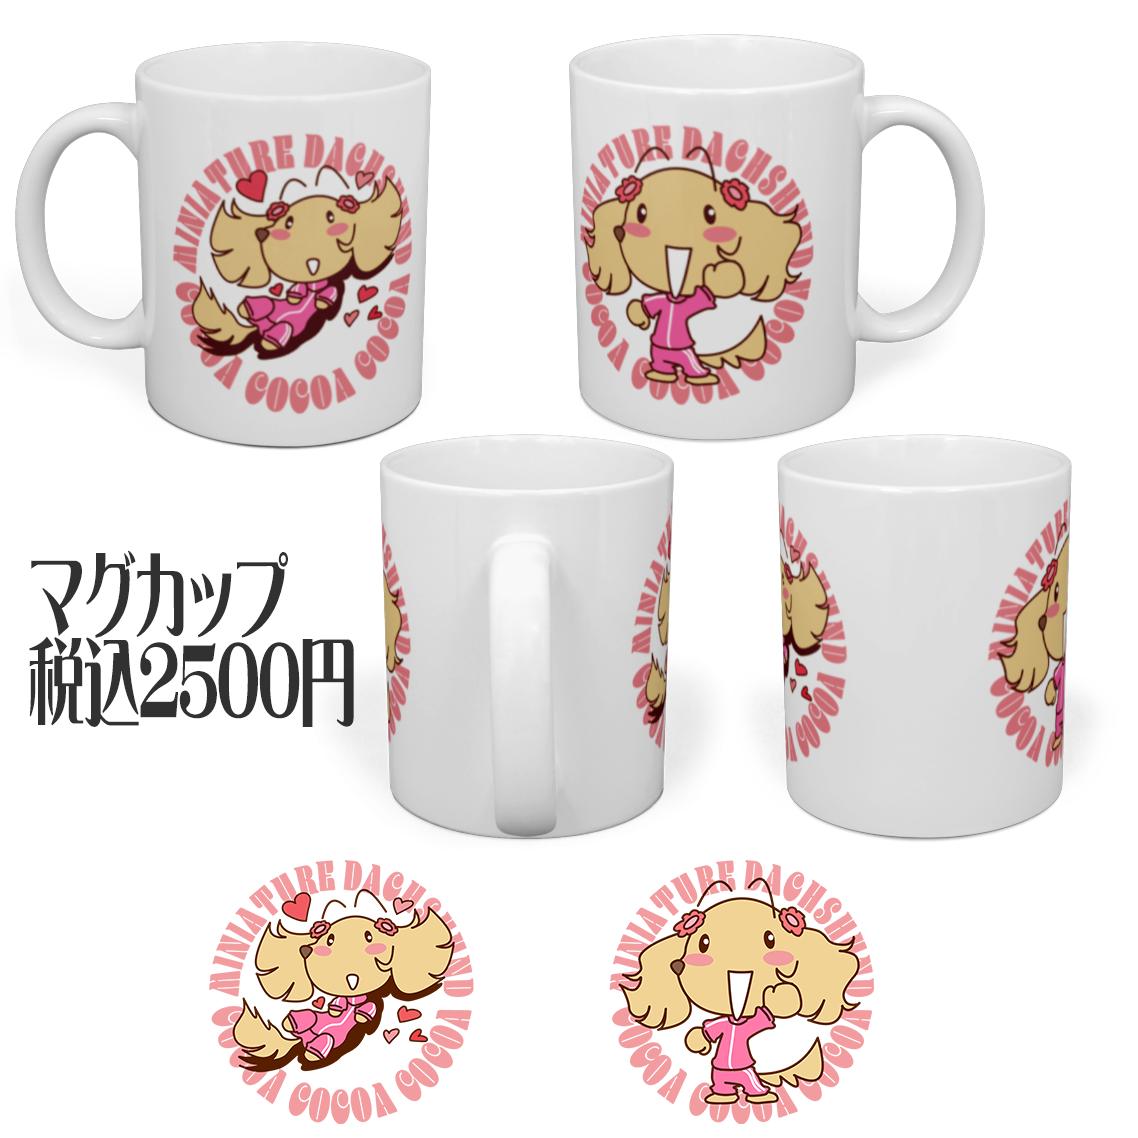 ジャージココアちゃんマグカップ見本02